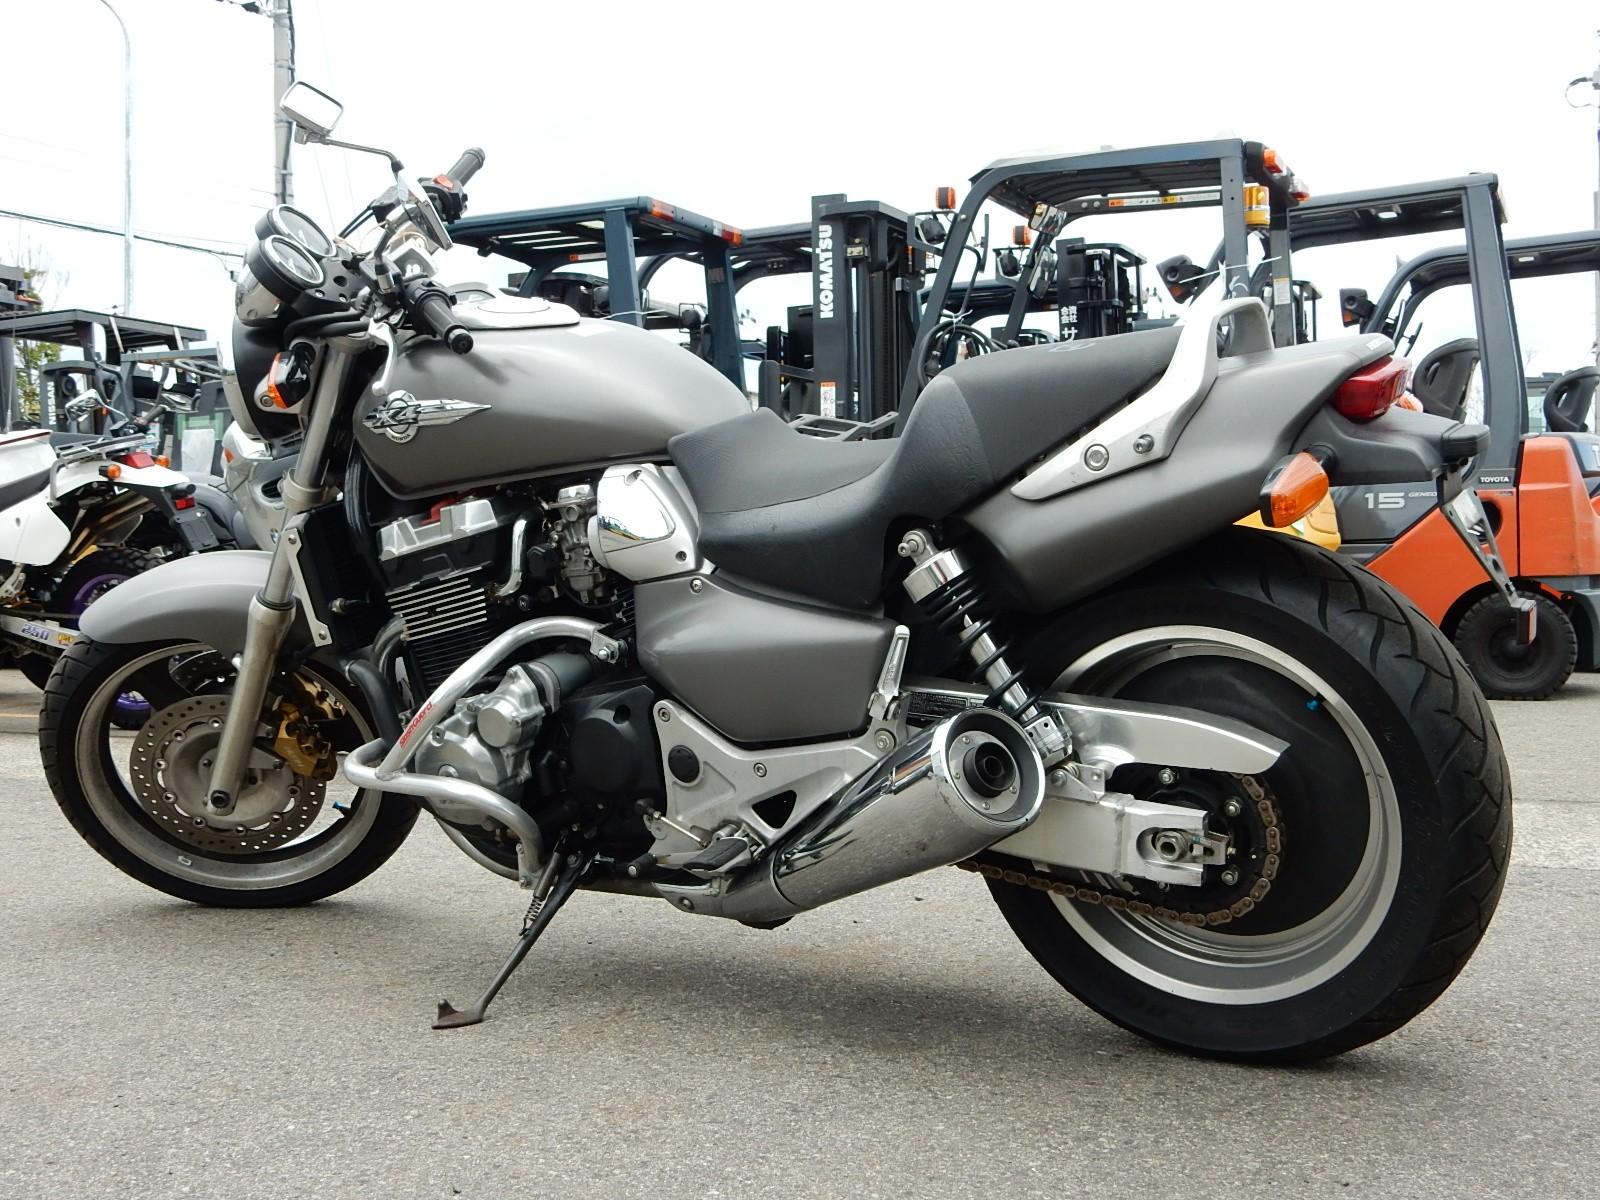 Honda X4 сбоку, хонда х4 мотоцикл